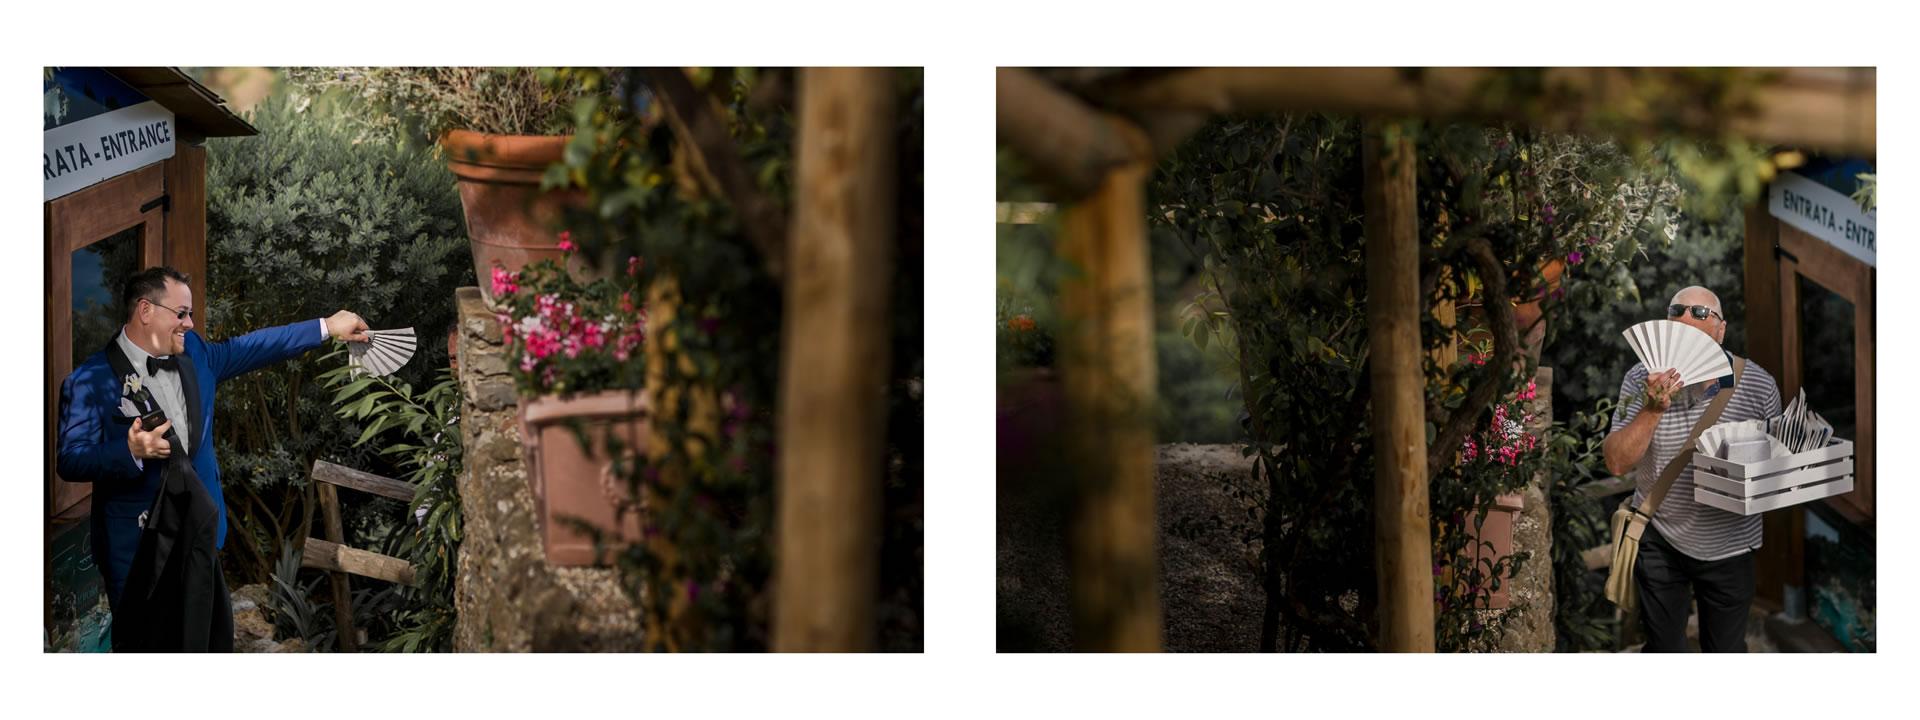 same-sex-love-in-portofino-david-bastianoni-photographer-00015 - 15 :: Wedding in Portofino // WPPI 2018 // The man that I love :: Luxury wedding photography - 14 :: same-sex-love-in-portofino-david-bastianoni-photographer-00015 - 15